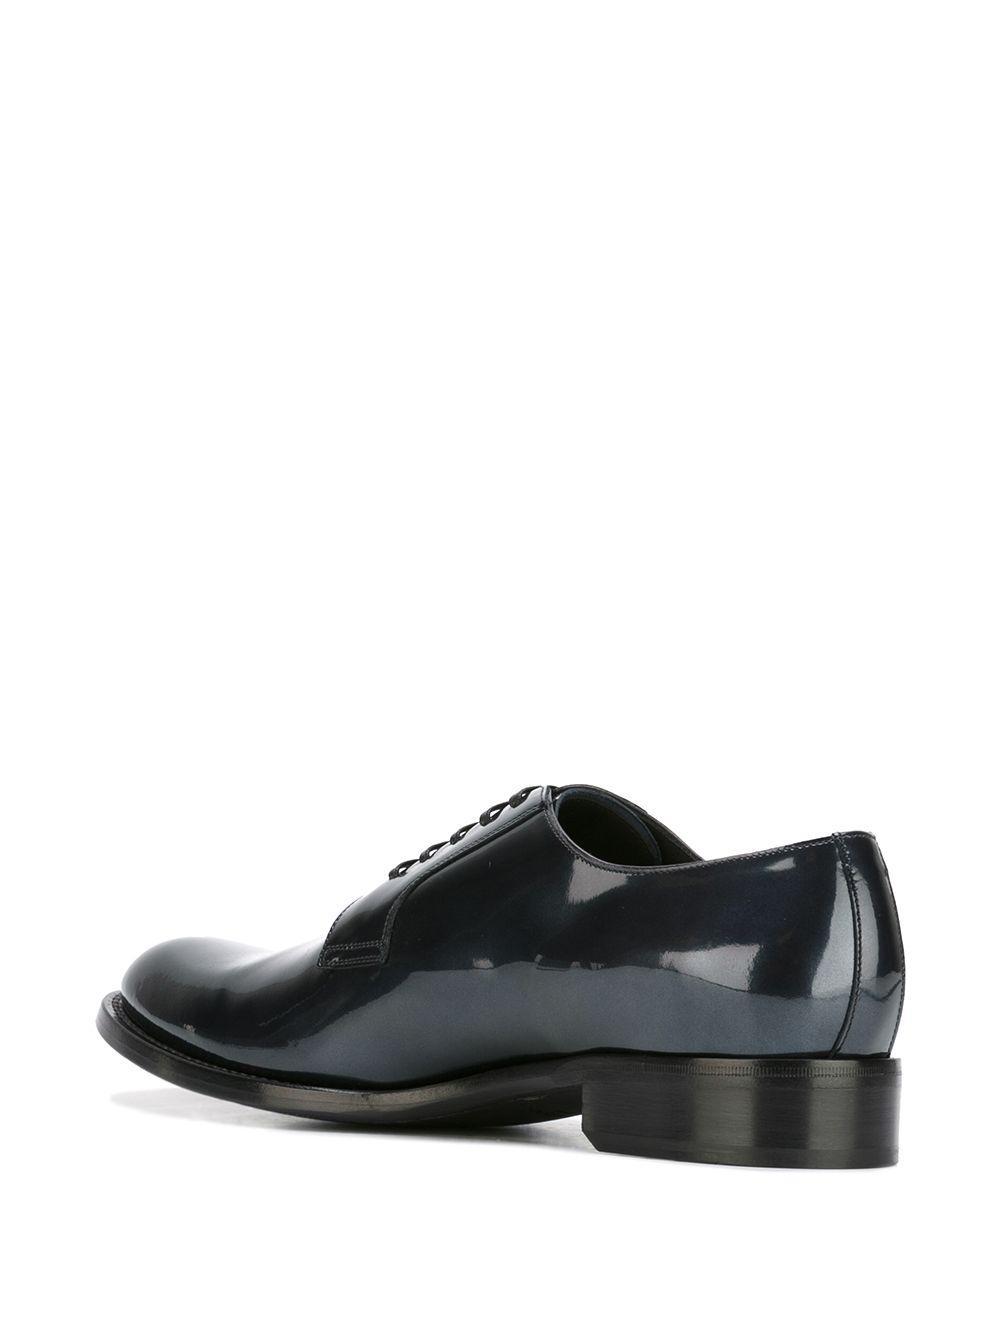 Dolce & Gabbana Leather Varnished Derby Shoes in Blue for Men